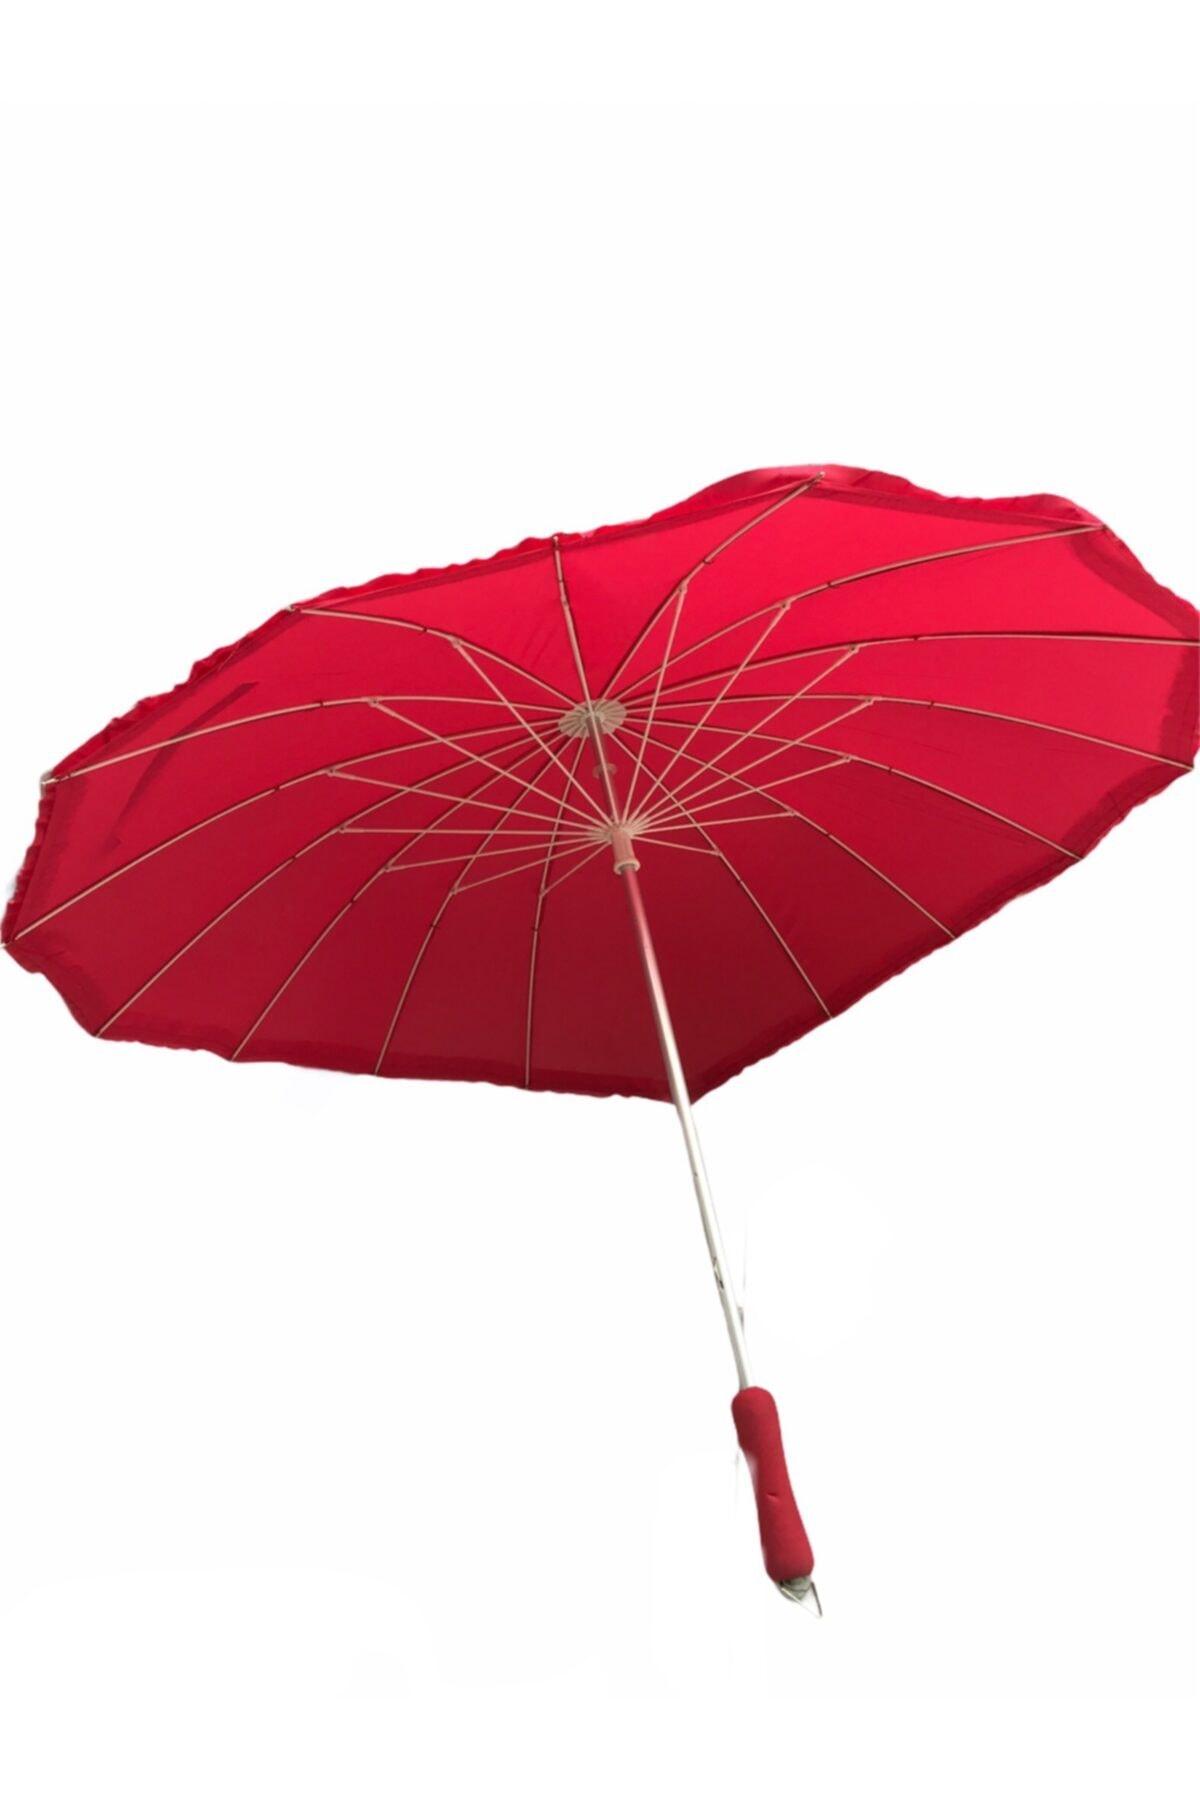 Almera Sevgililer Gününe Özel Kalpli Manuel 16 Telli Şemsiye 2